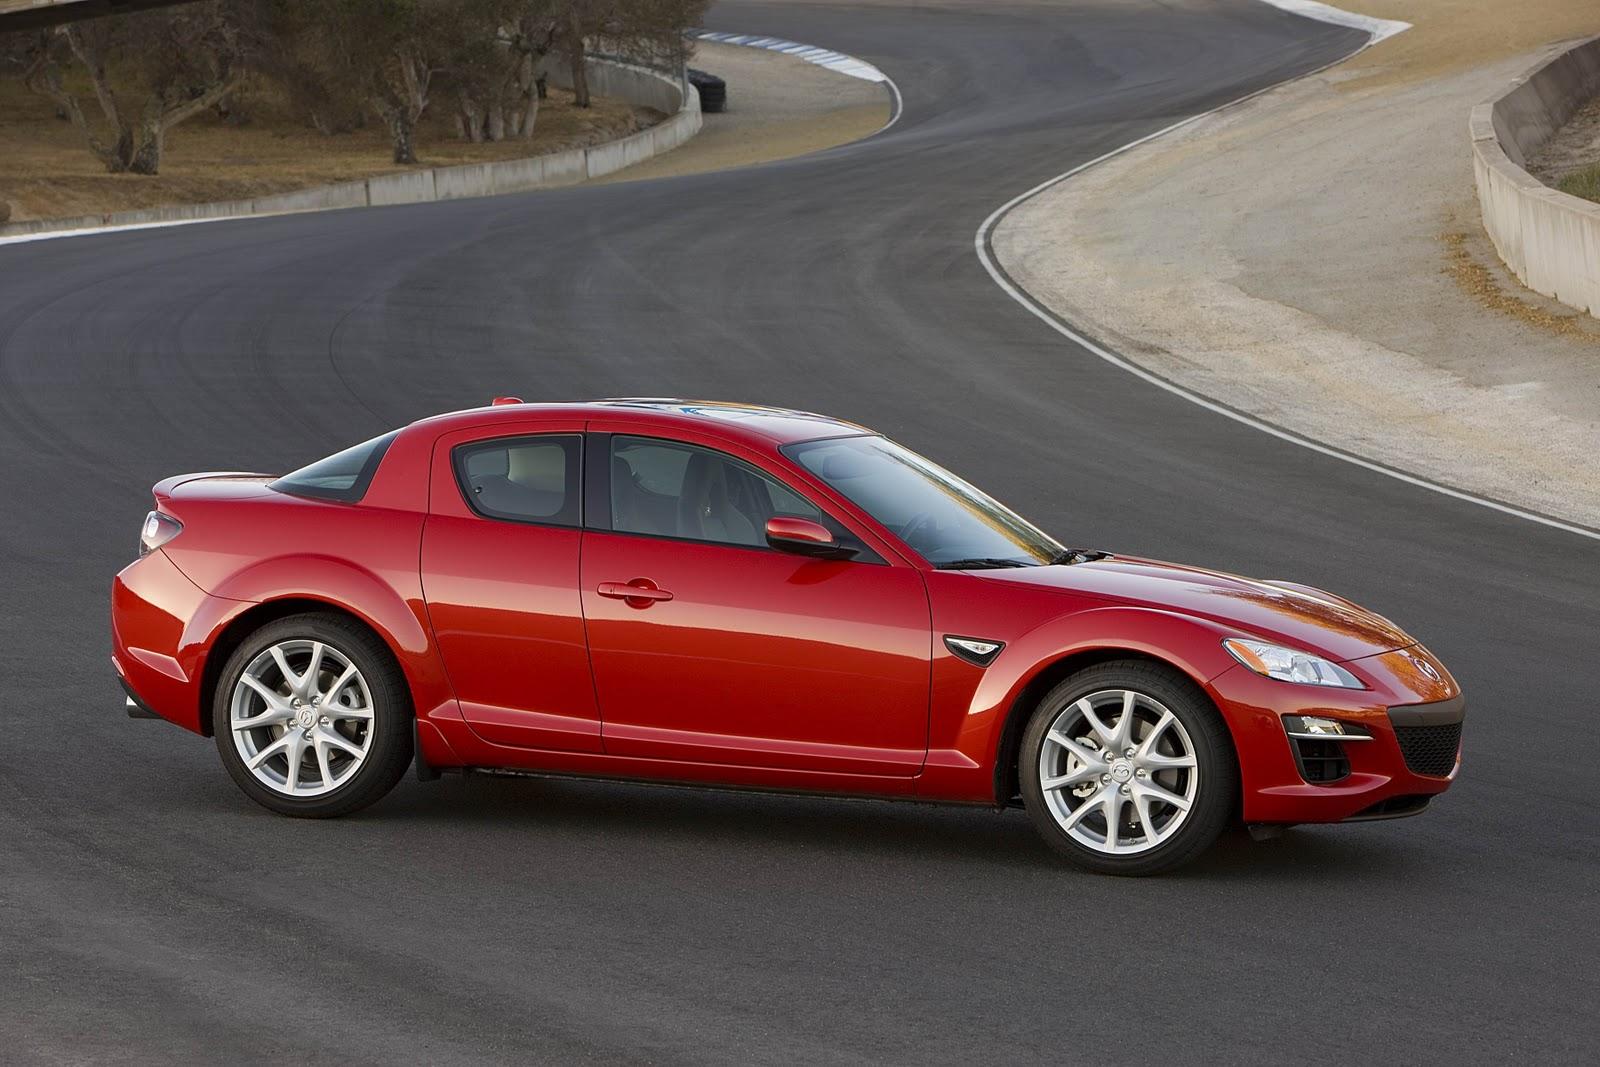 http://2.bp.blogspot.com/-8YDBMIHy1wo/TqVOFG4UGPI/AAAAAAAAChg/LXvshwbM4kY/s1600/2011+Mazda_RX8_GT_02.jpg